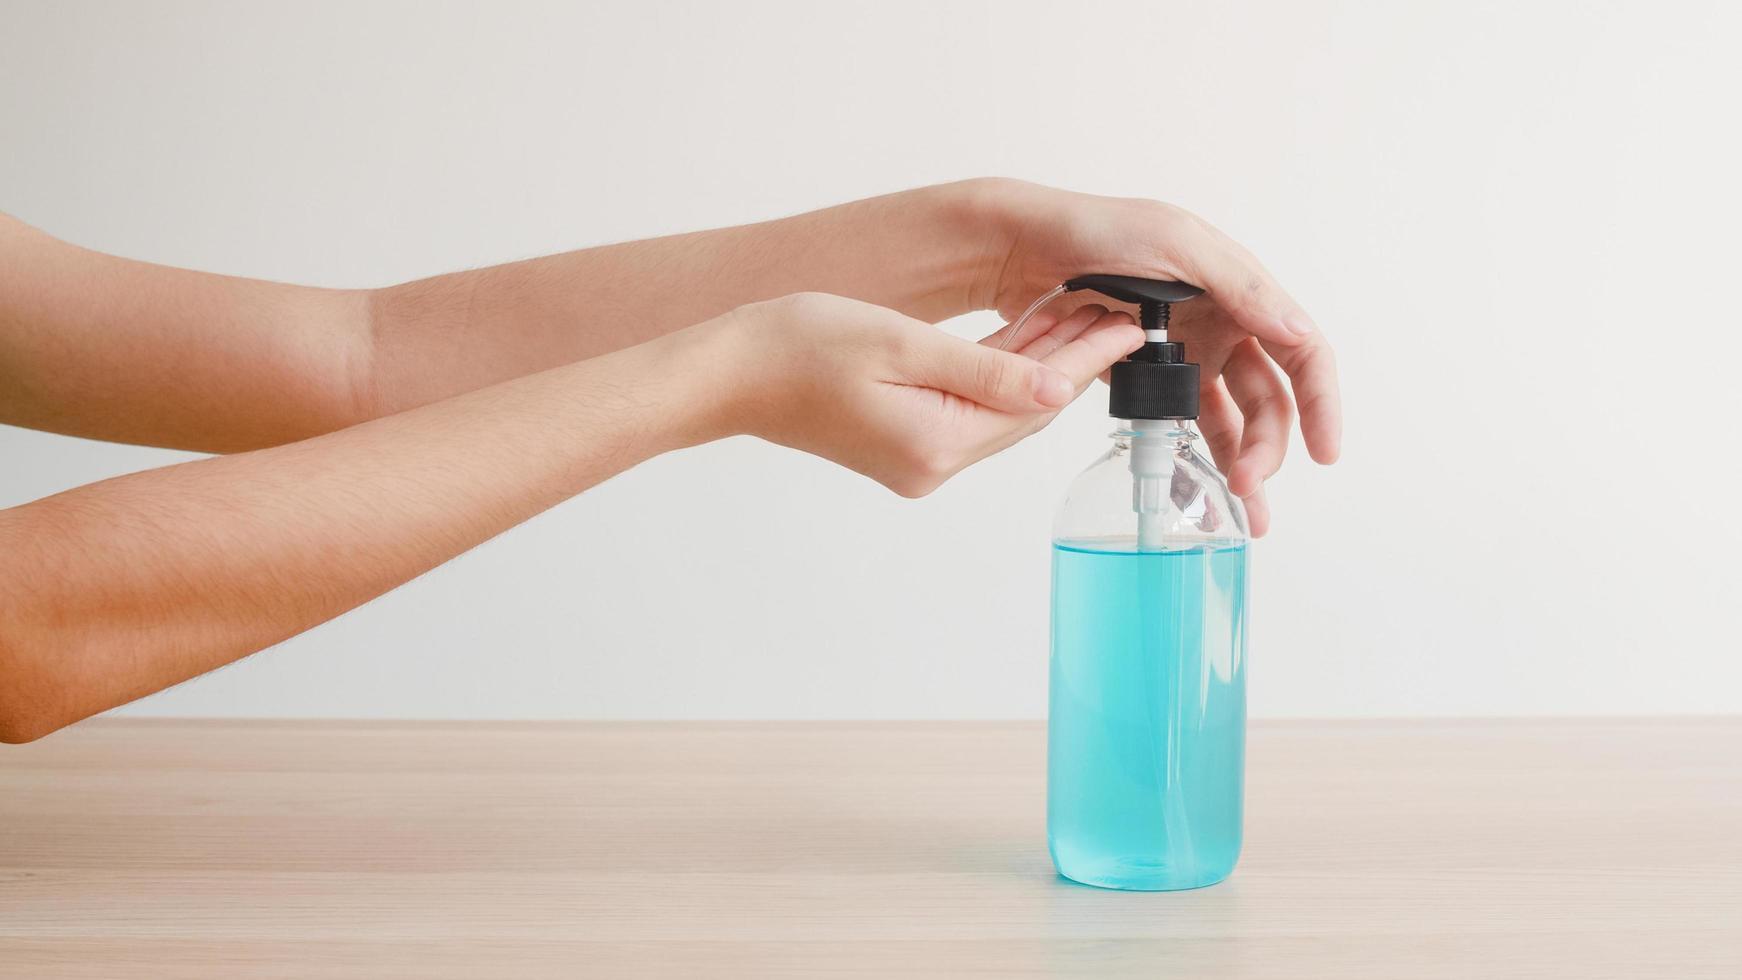 giovane donna asiatica che usando disinfettante per le mani del gel dell'alcool. foto